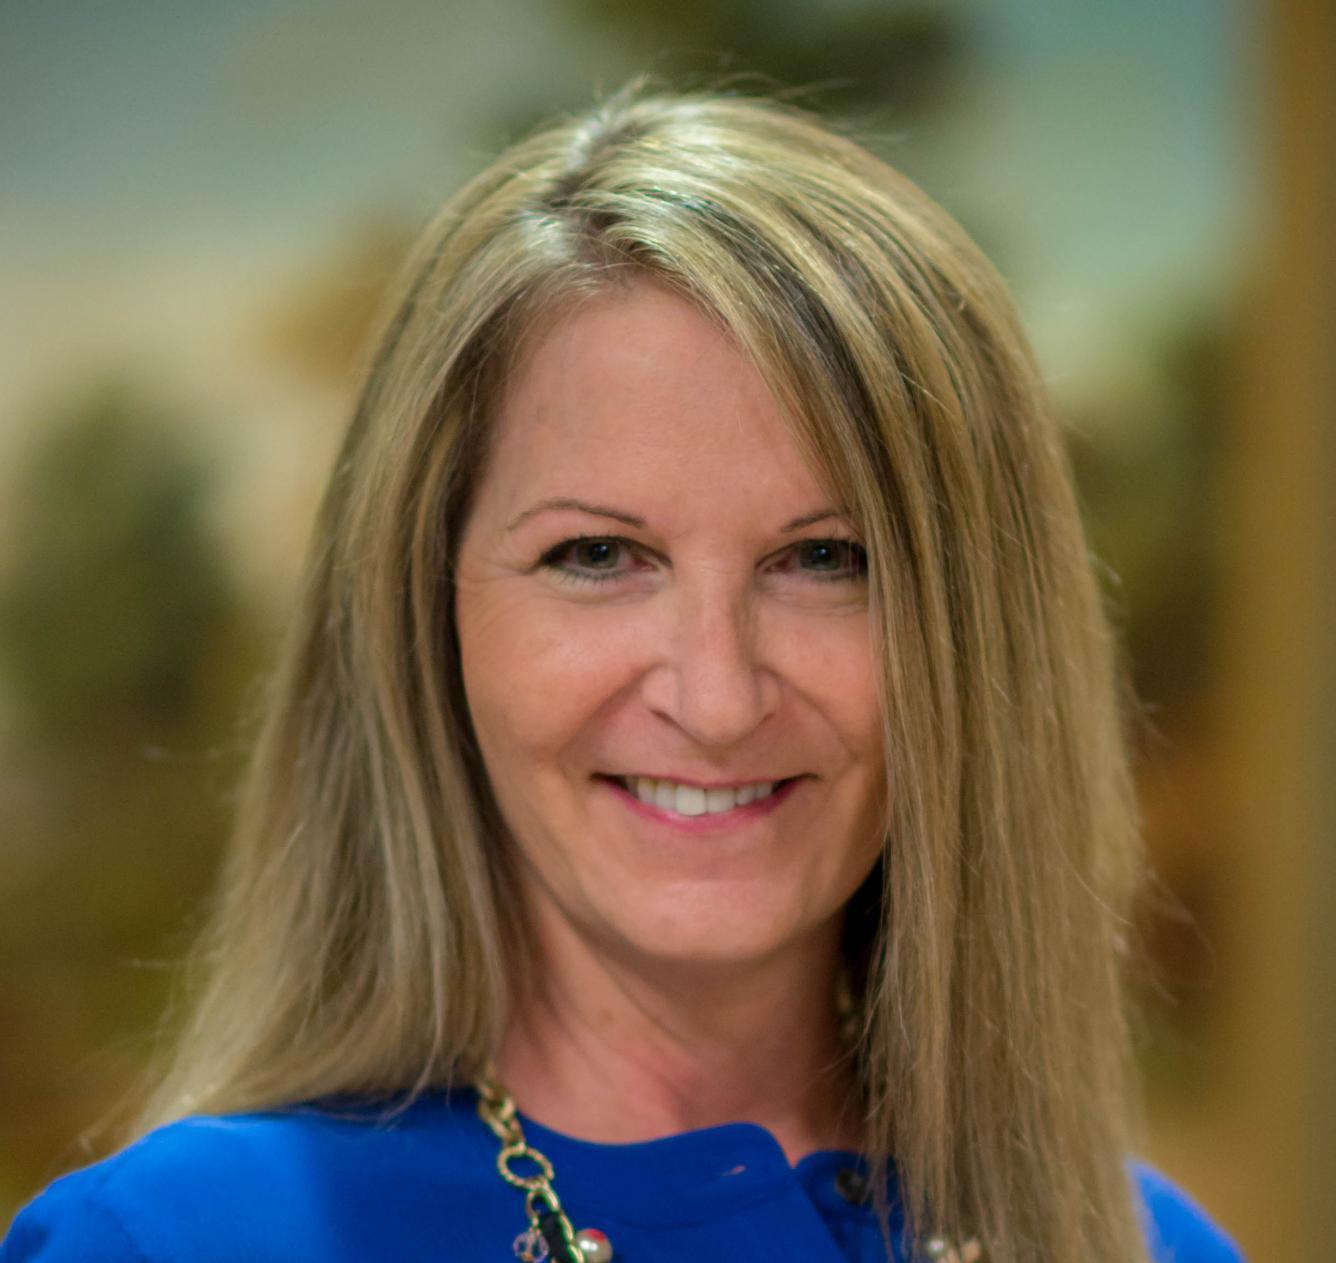 Michelle Tornes